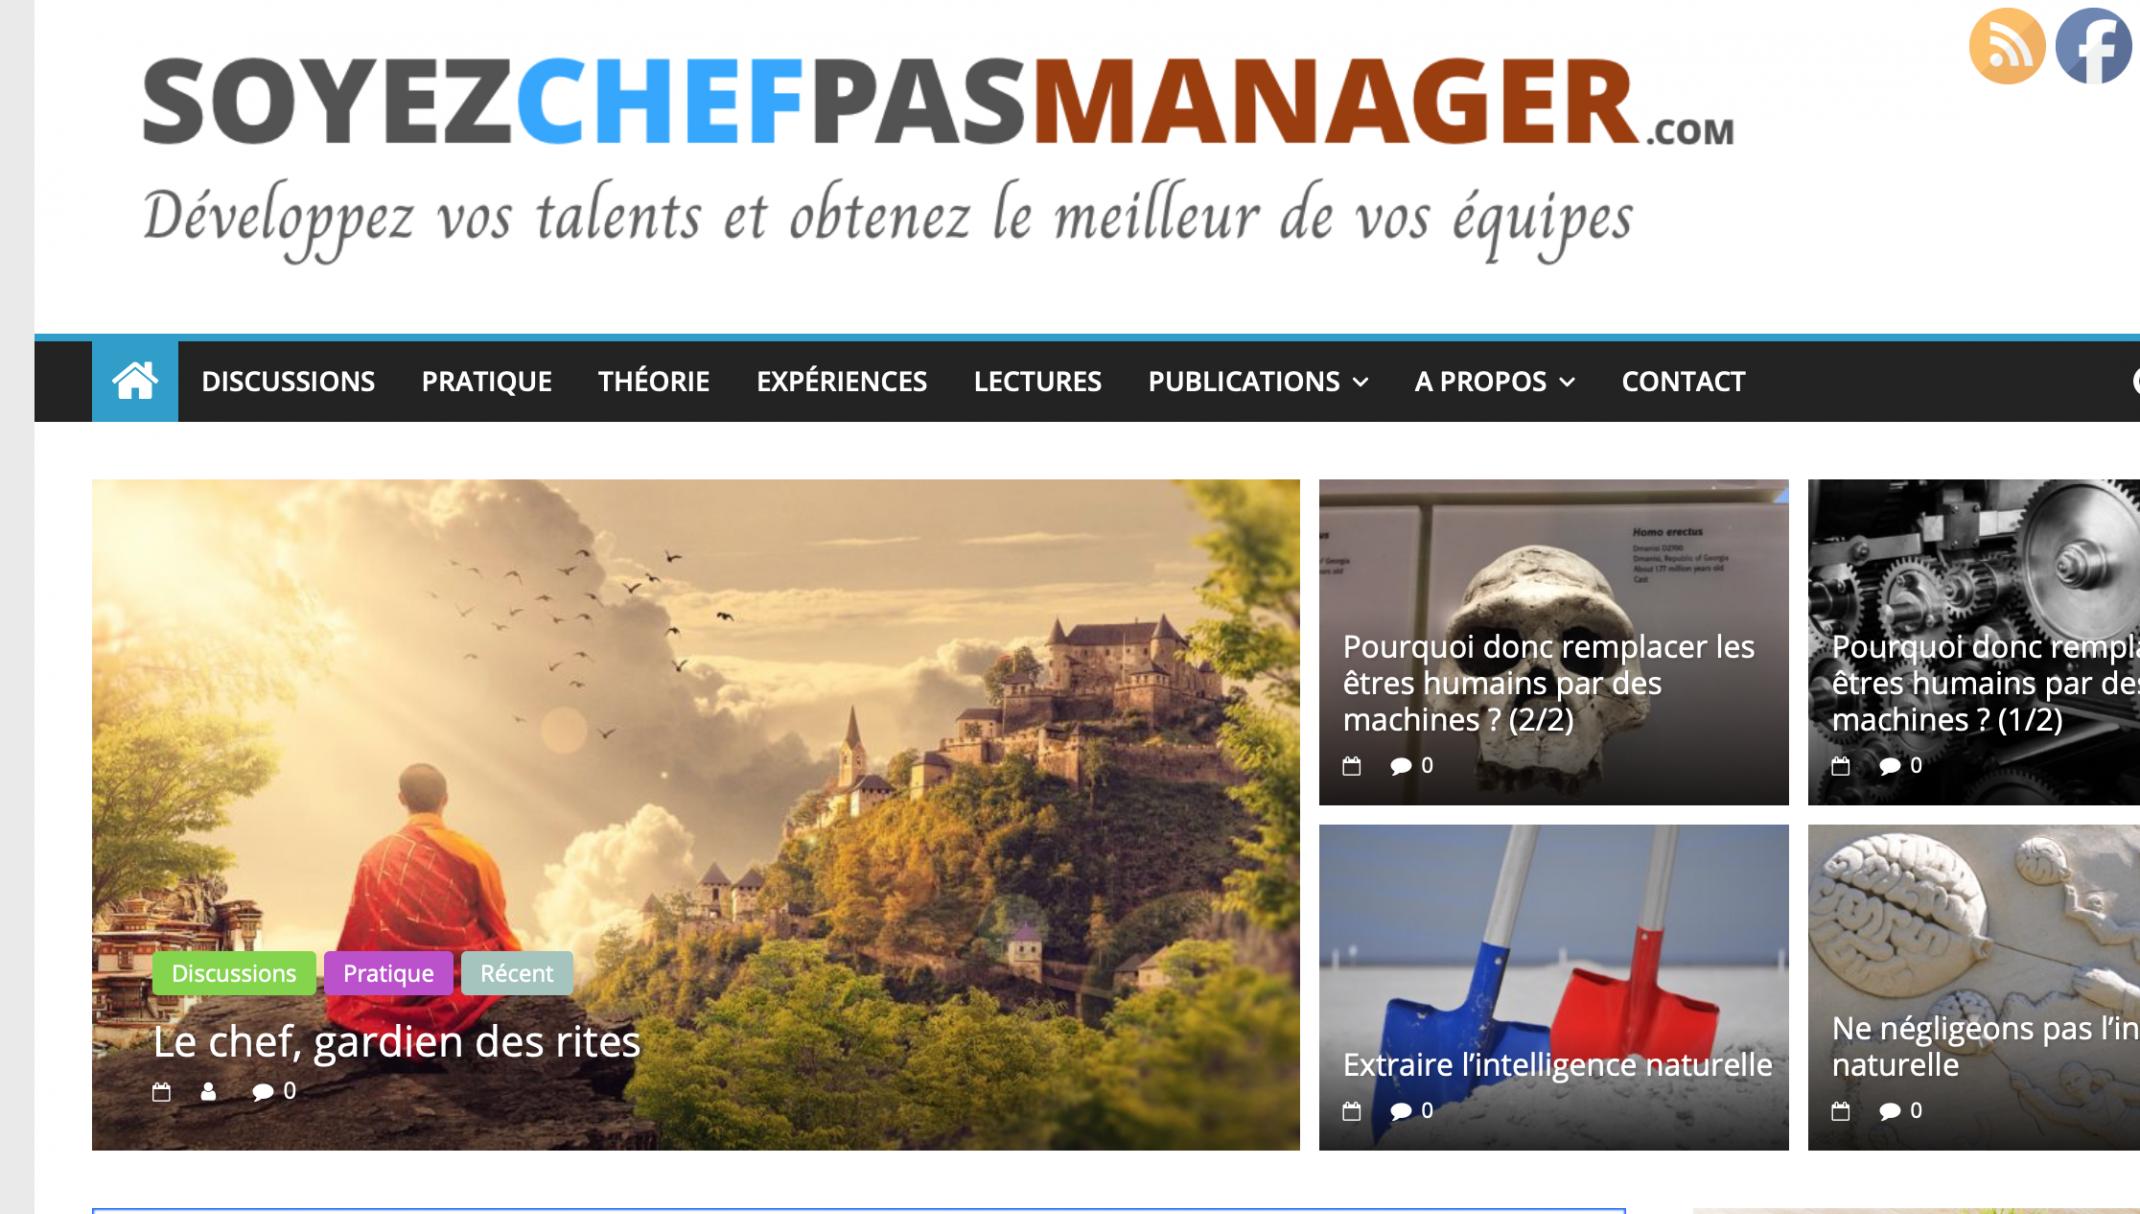 Soyezchefpasmanager.com